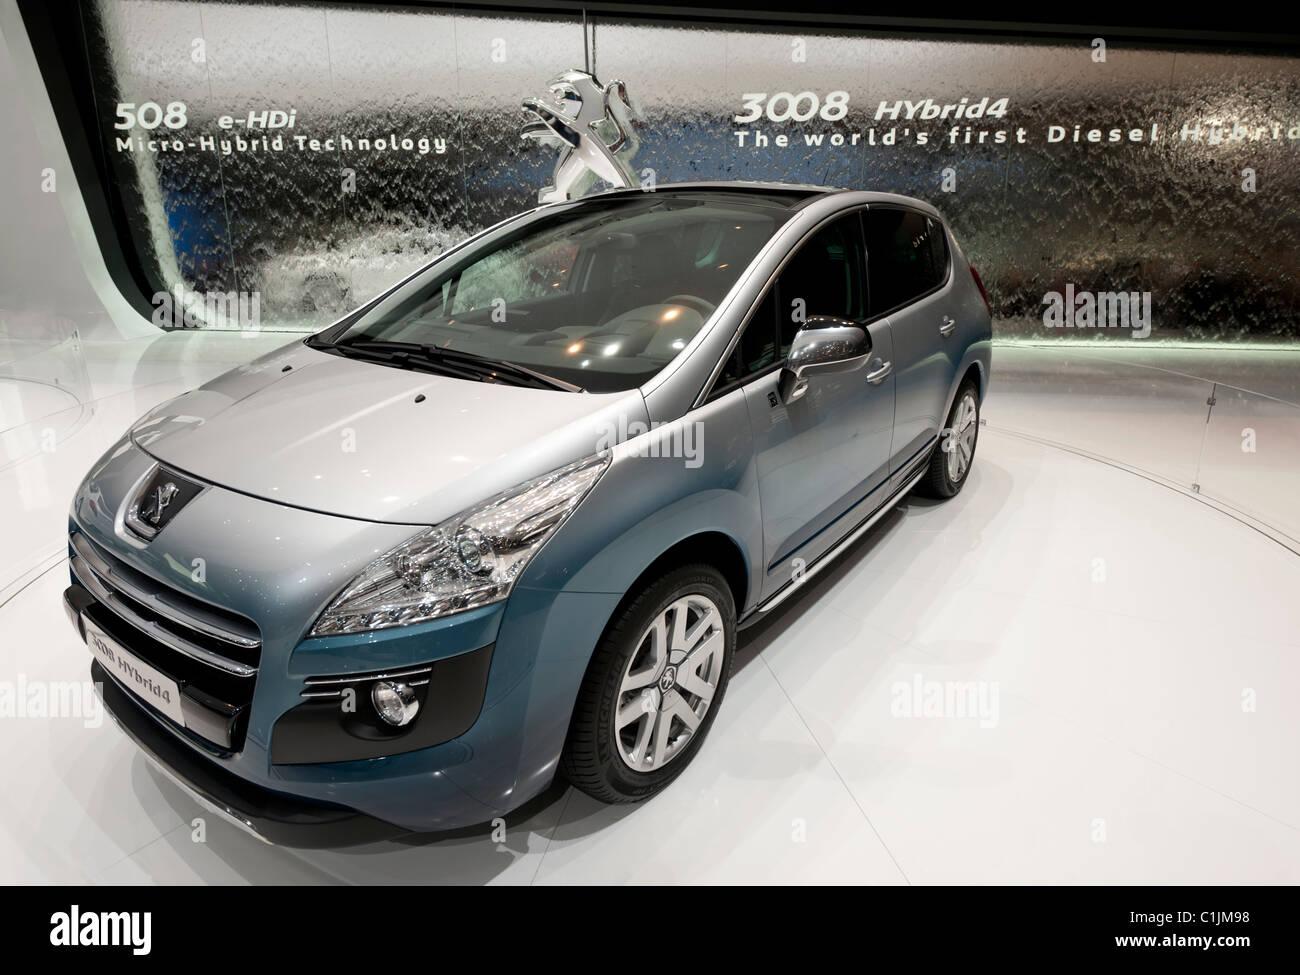 Peugeot 3008 concepto primer diesel híbrido del mundo concept car en el Salón del Automóvil de Ginebra Imagen De Stock